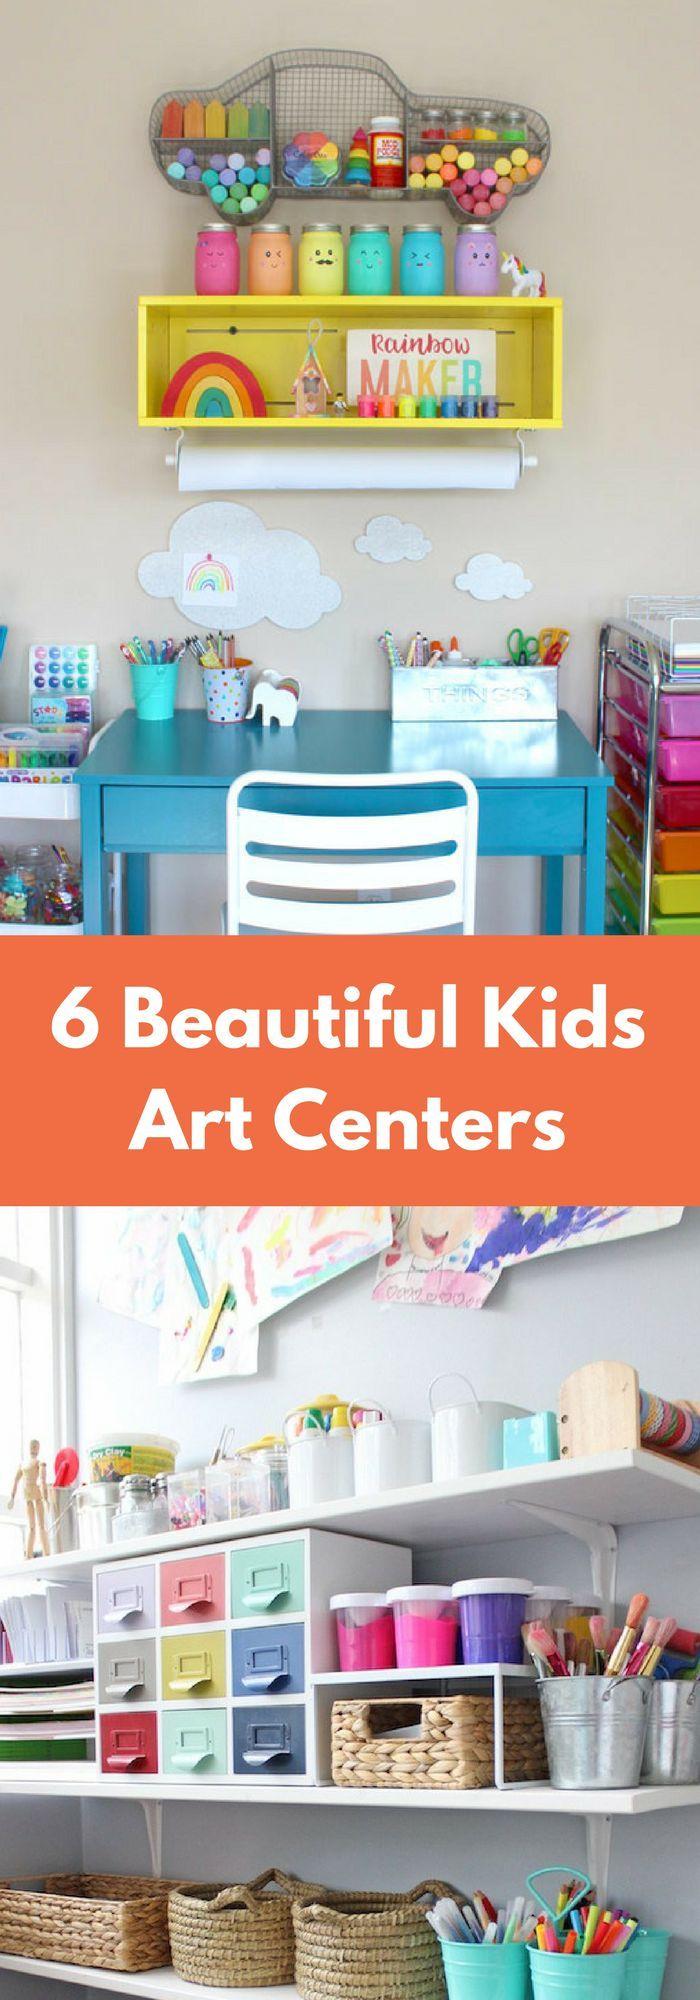 6 verschiedene Kunstcenter-Ideen für Kinder bei Ihnen zu Hause!  #hause #ideen …